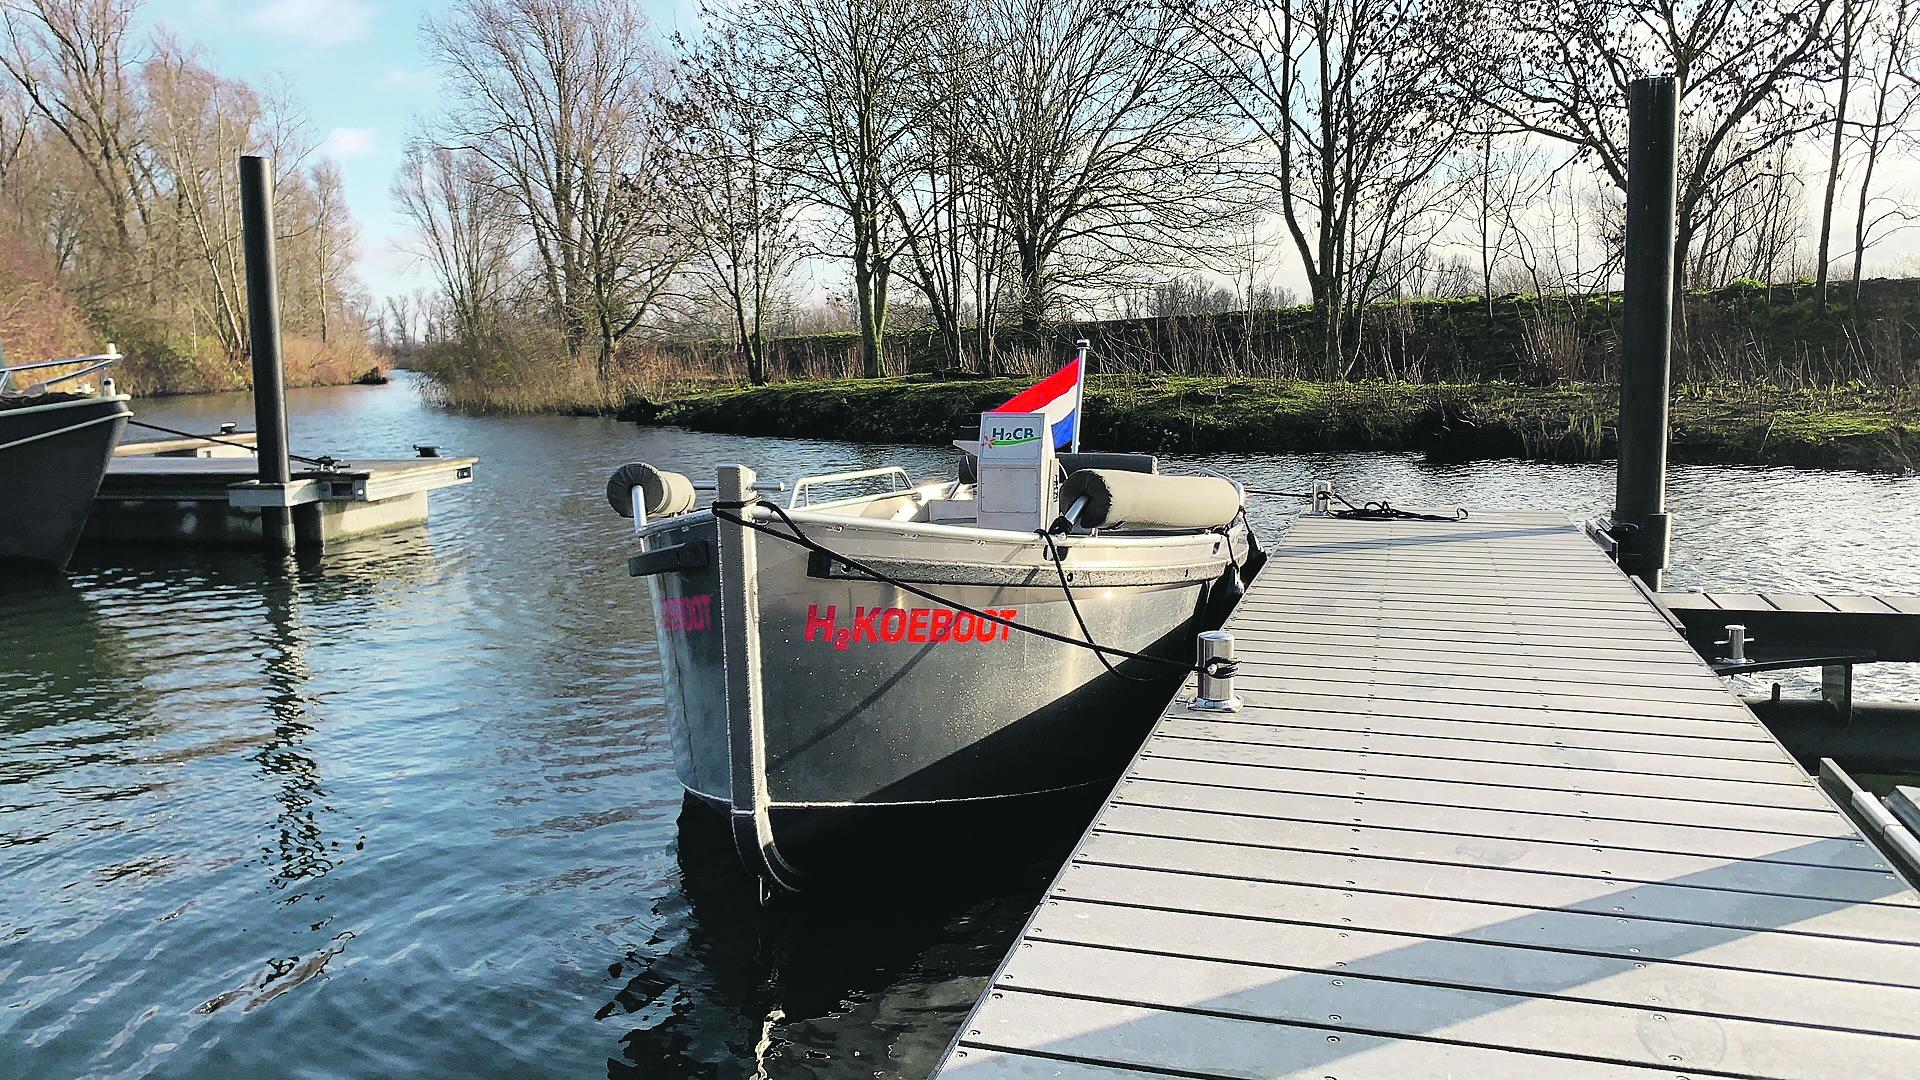 Met de sloep is proefgevaren in de Biesbosch. (Foto Koedood)